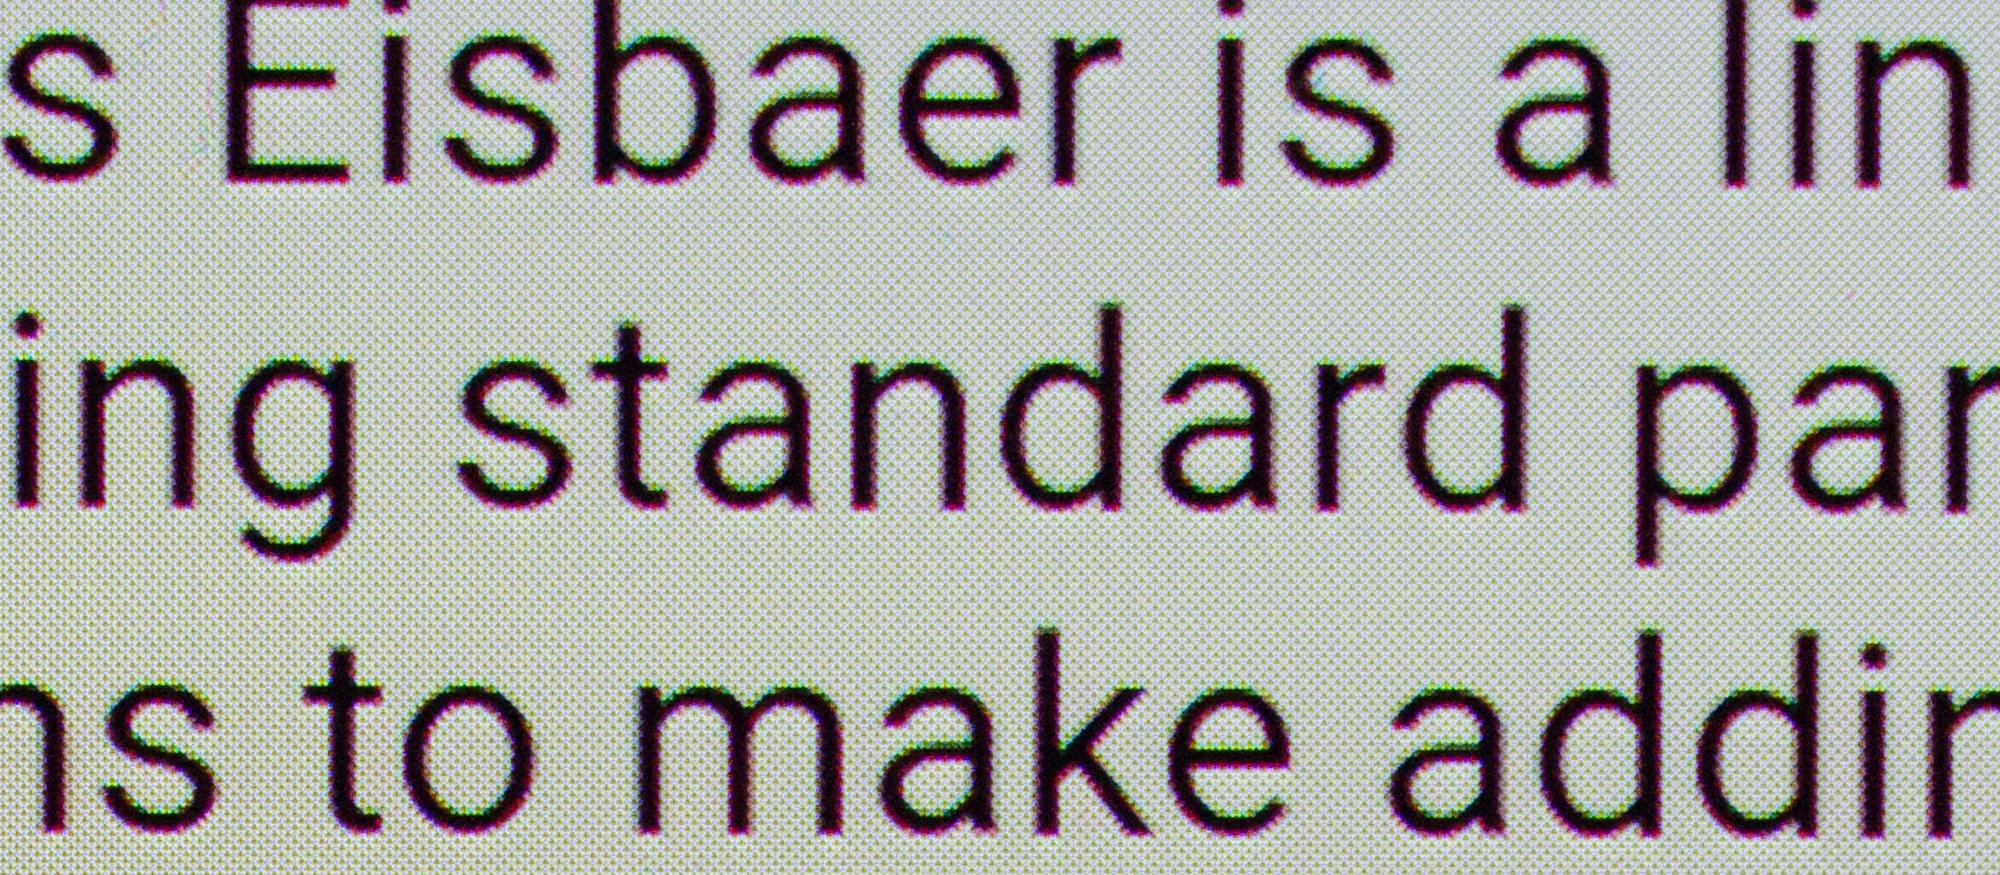 pixel-text.jpg